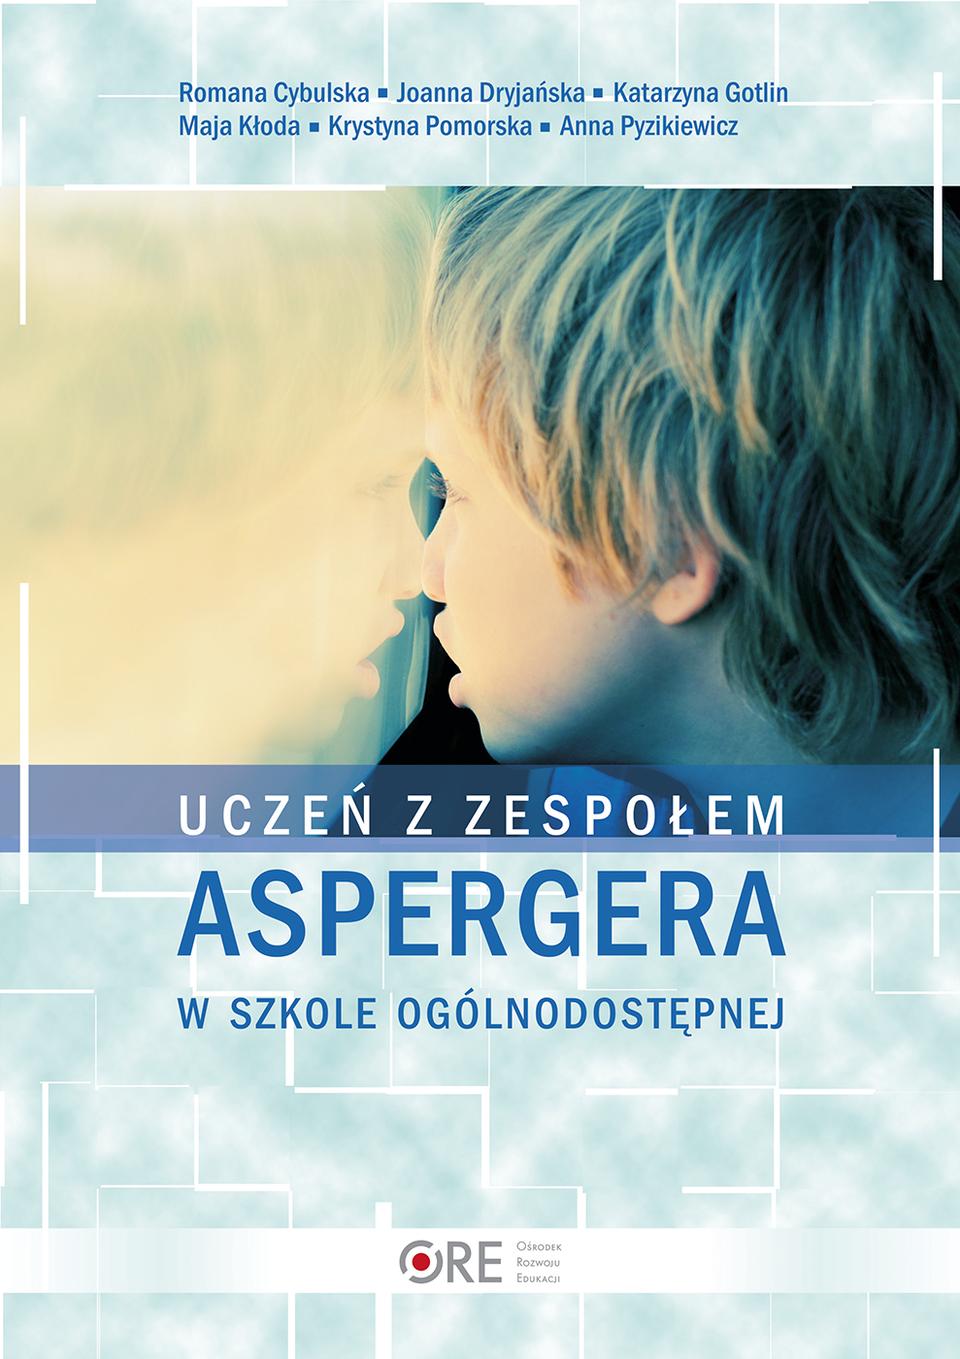 Pobierz plik: Uczen_z-zespolem_Aspergera_w_szkole_ogolnodostepnej.pdf